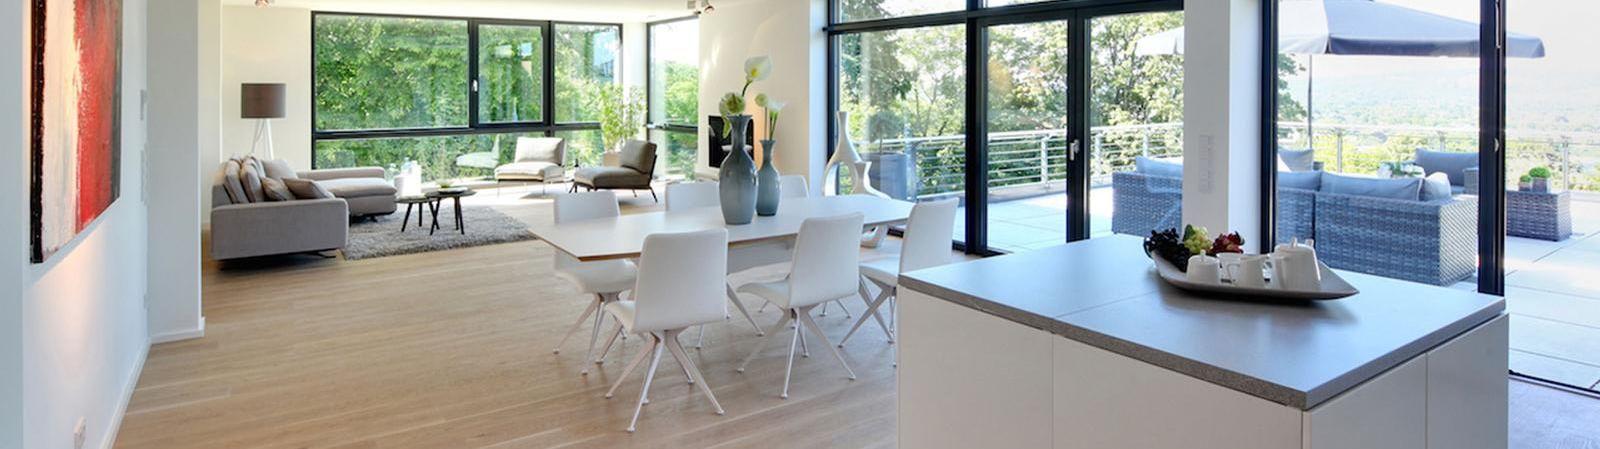 Was Ist Home Staging was ist home staging erfolgreich immobilien verkaufen derhomestager